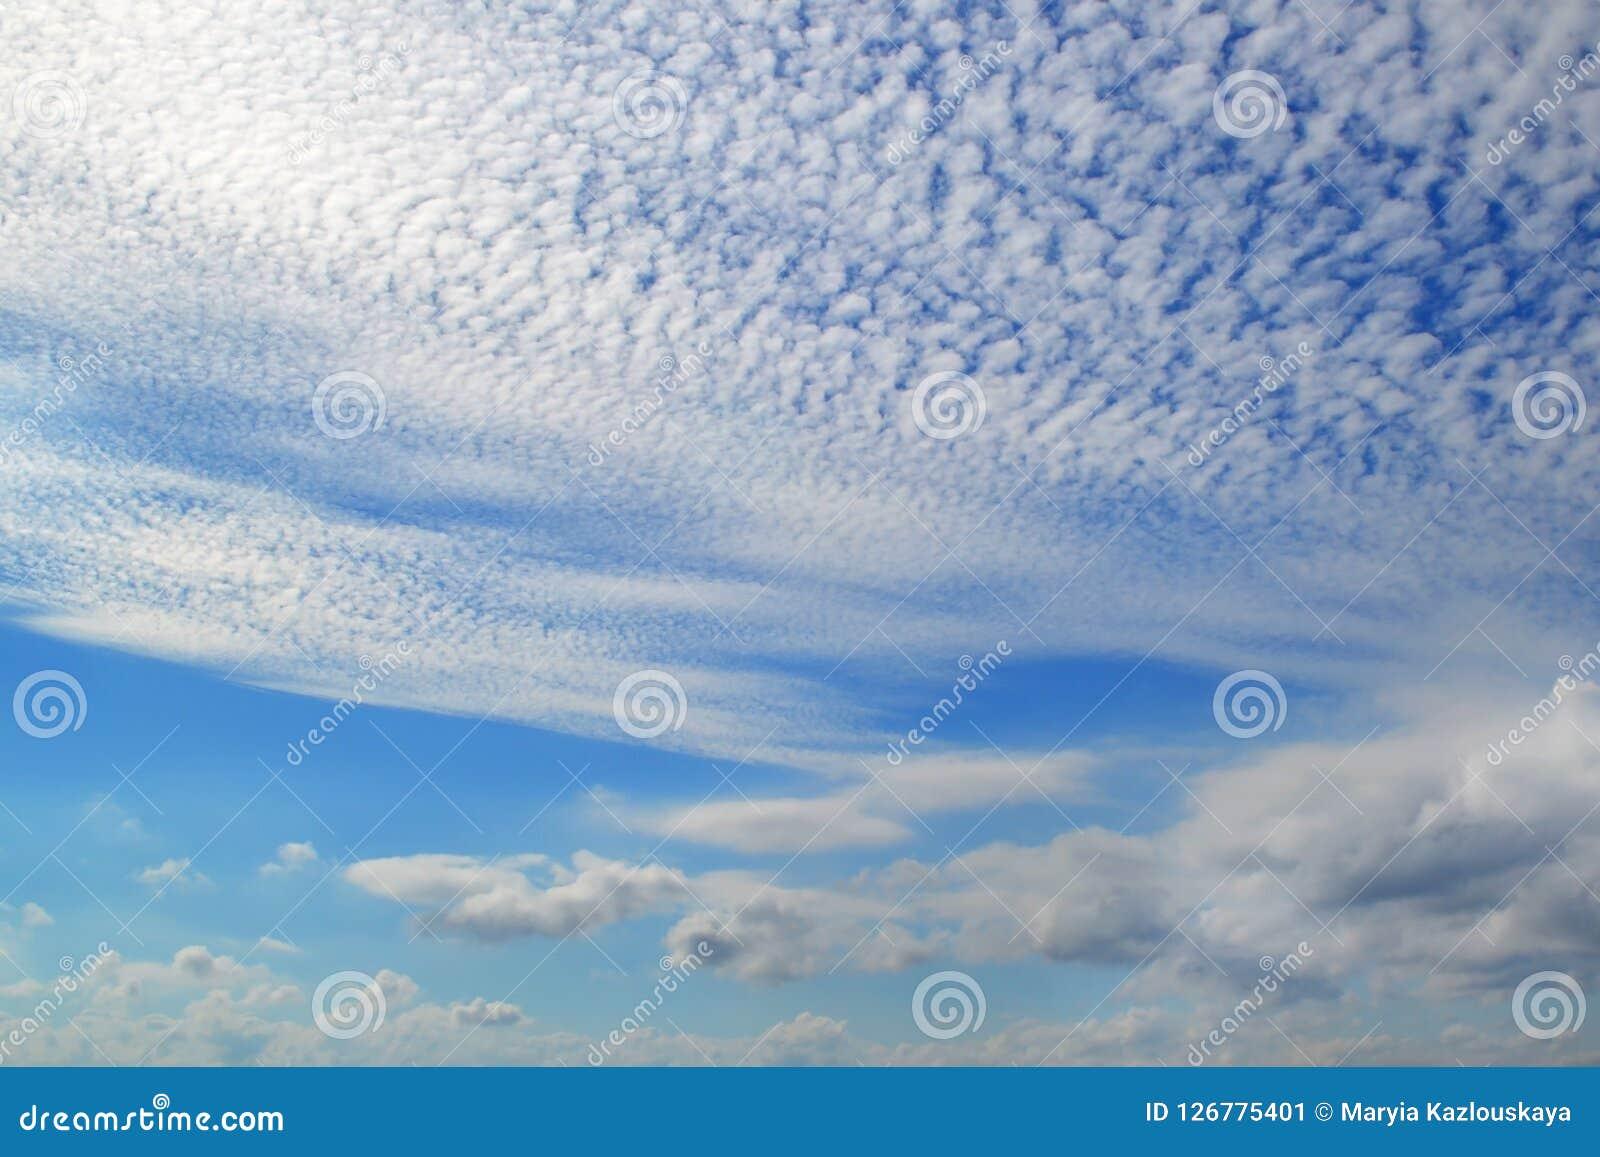 Mycket vita moln av olika typer: stackmoln cirrusmoln, i lager höjdpunkt i blå himmel